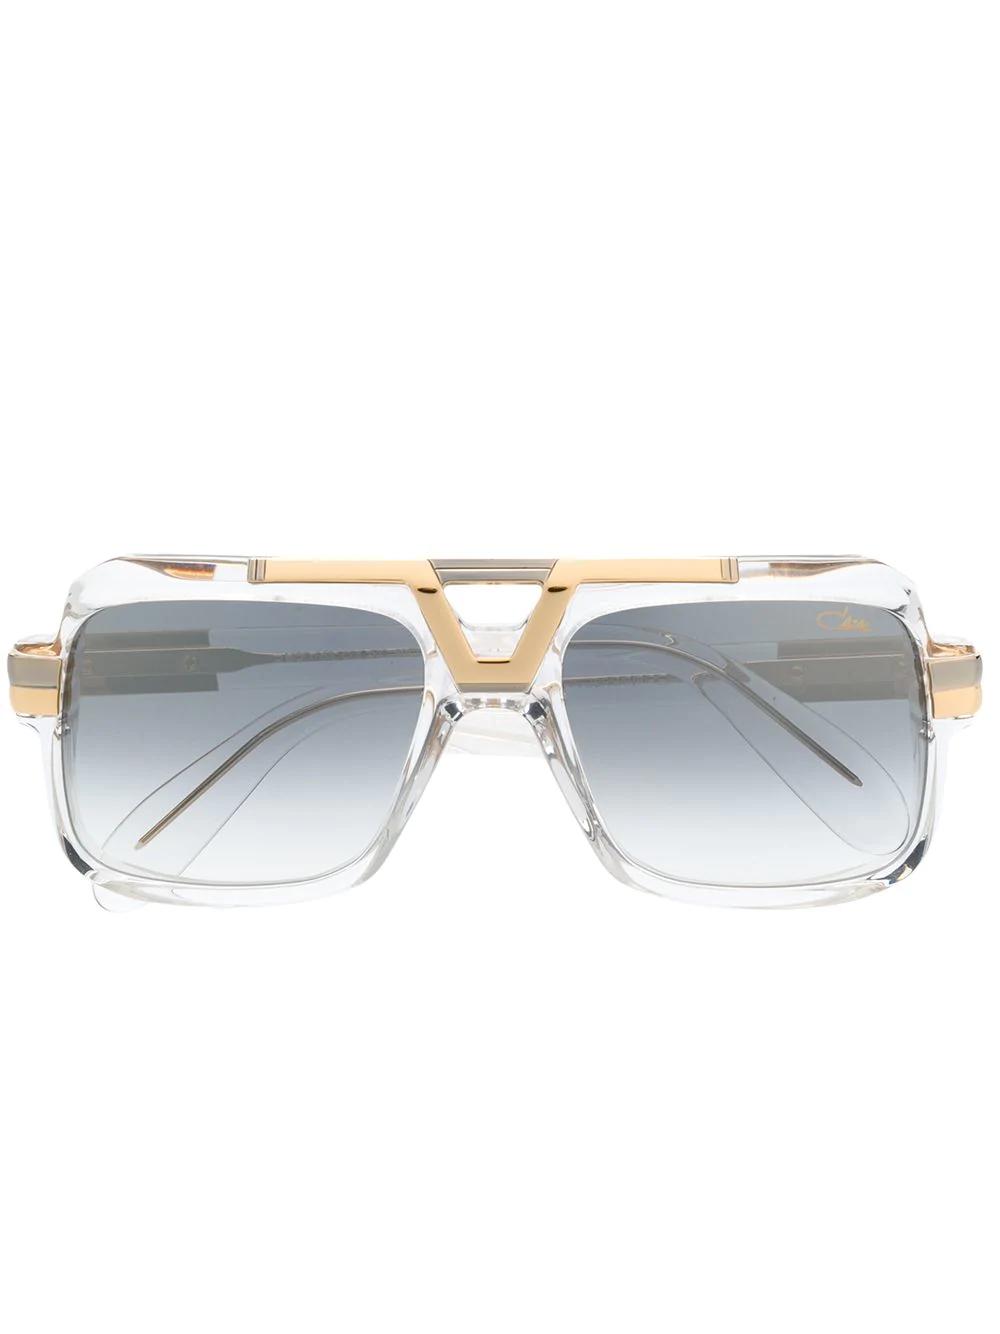 5447f24639bd Cazal 6643 Sunglasses - White | ModeSens